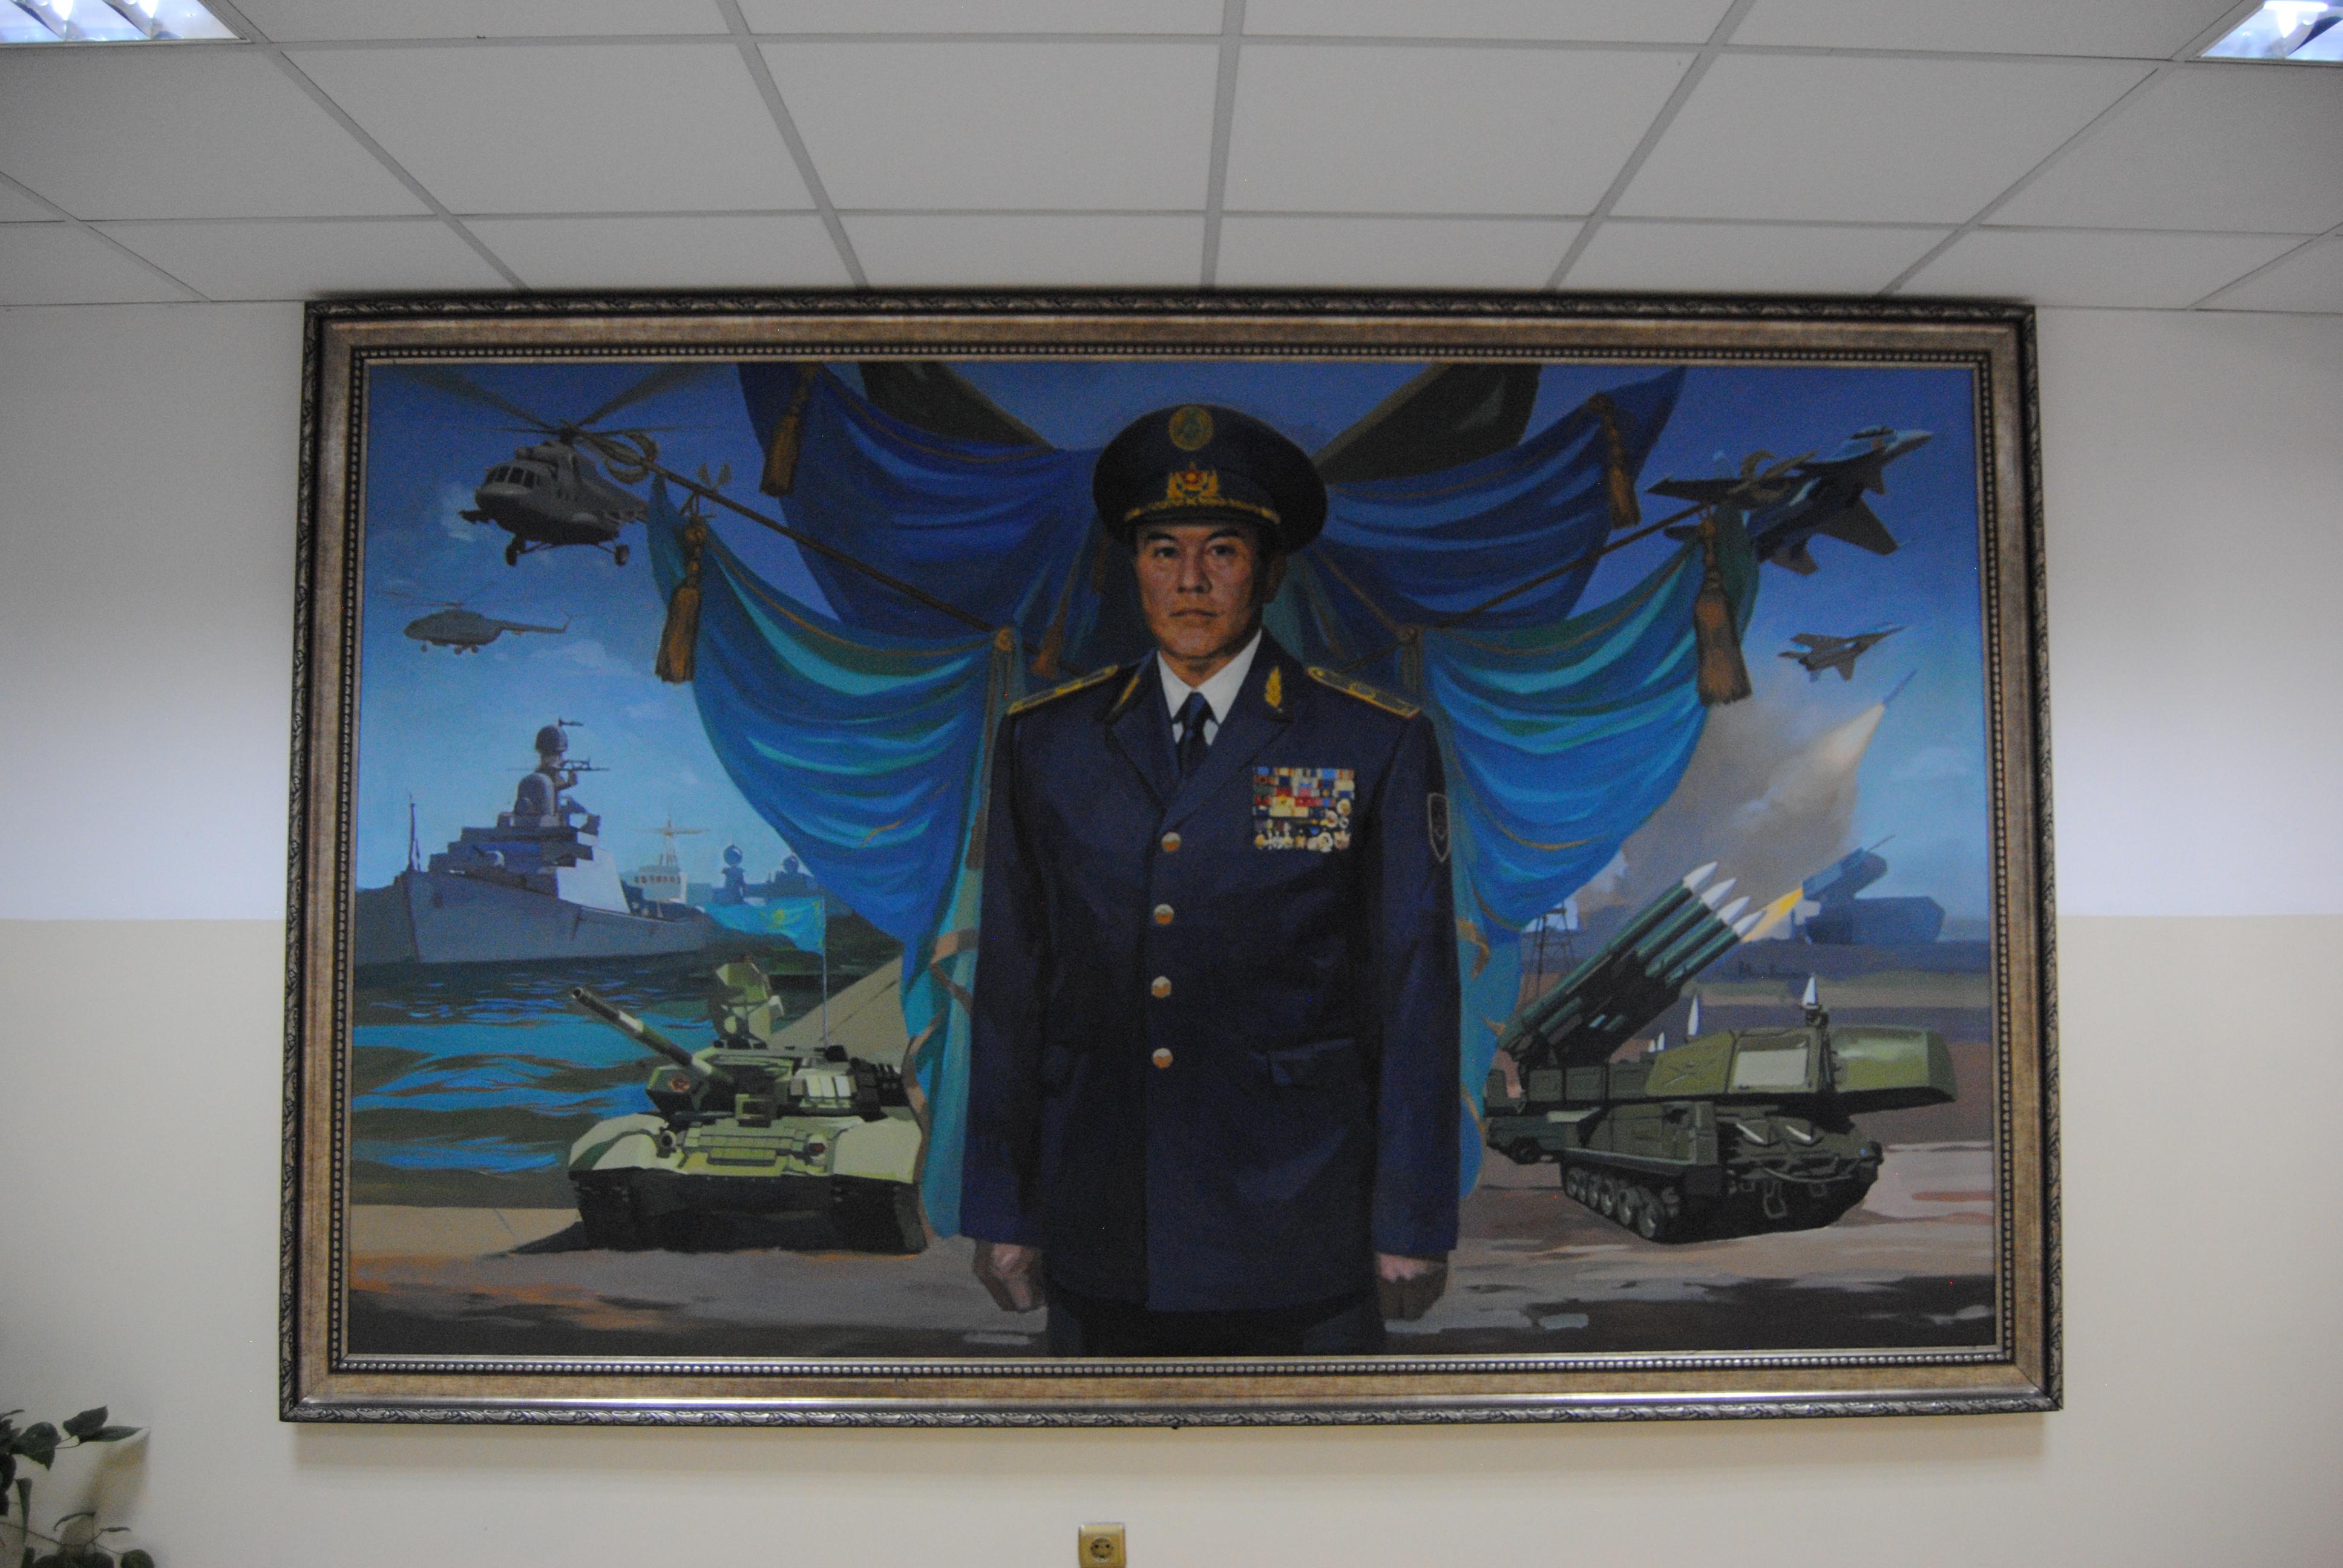 Retrato de Nursultan Nazarbayev en el Museo de Historia Militar de Almaty